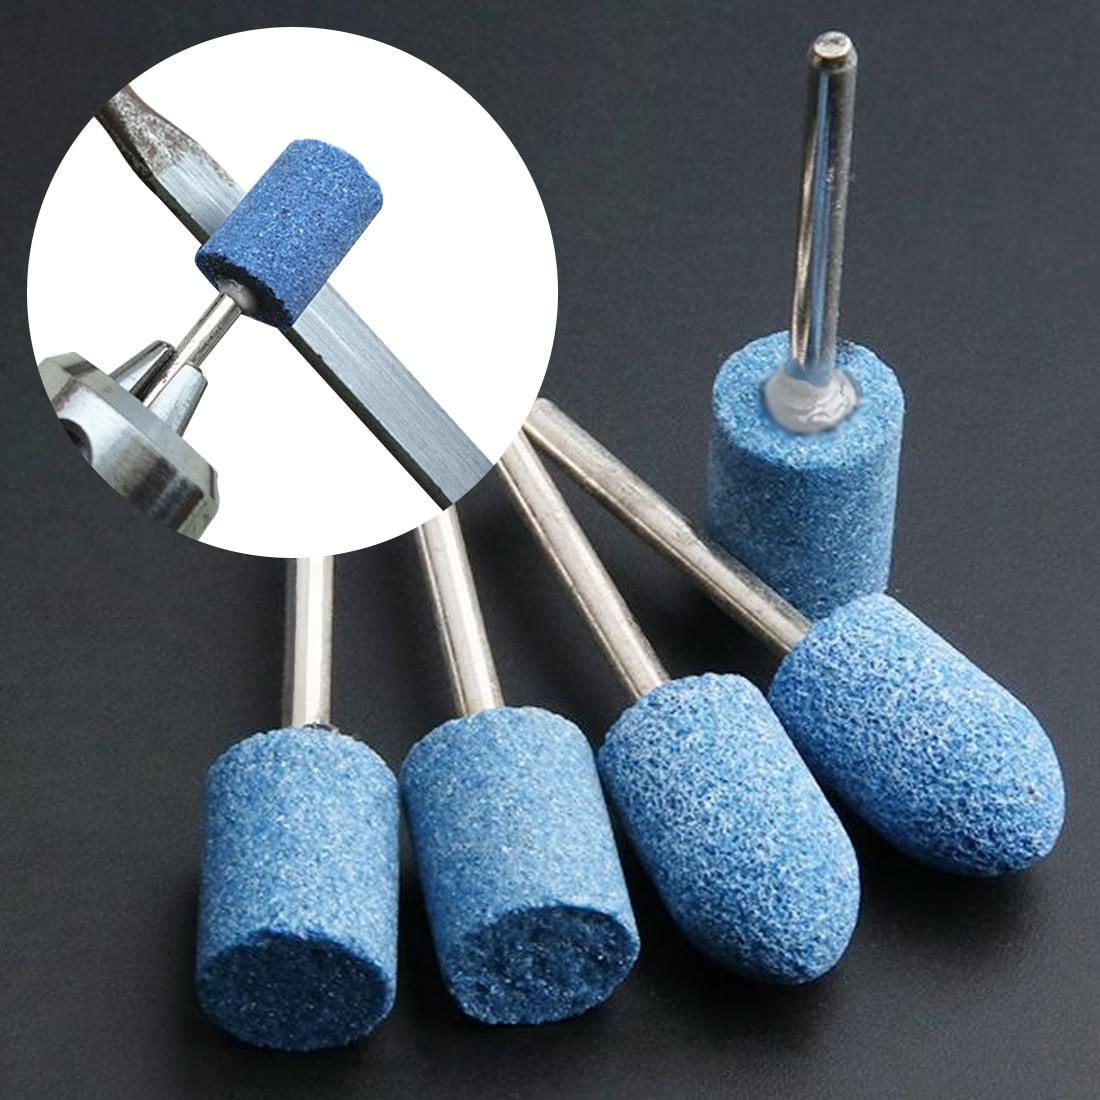 10ks / sada brusného kamene pro brusný kámen rotačních - Brusné nástroje - Fotografie 6